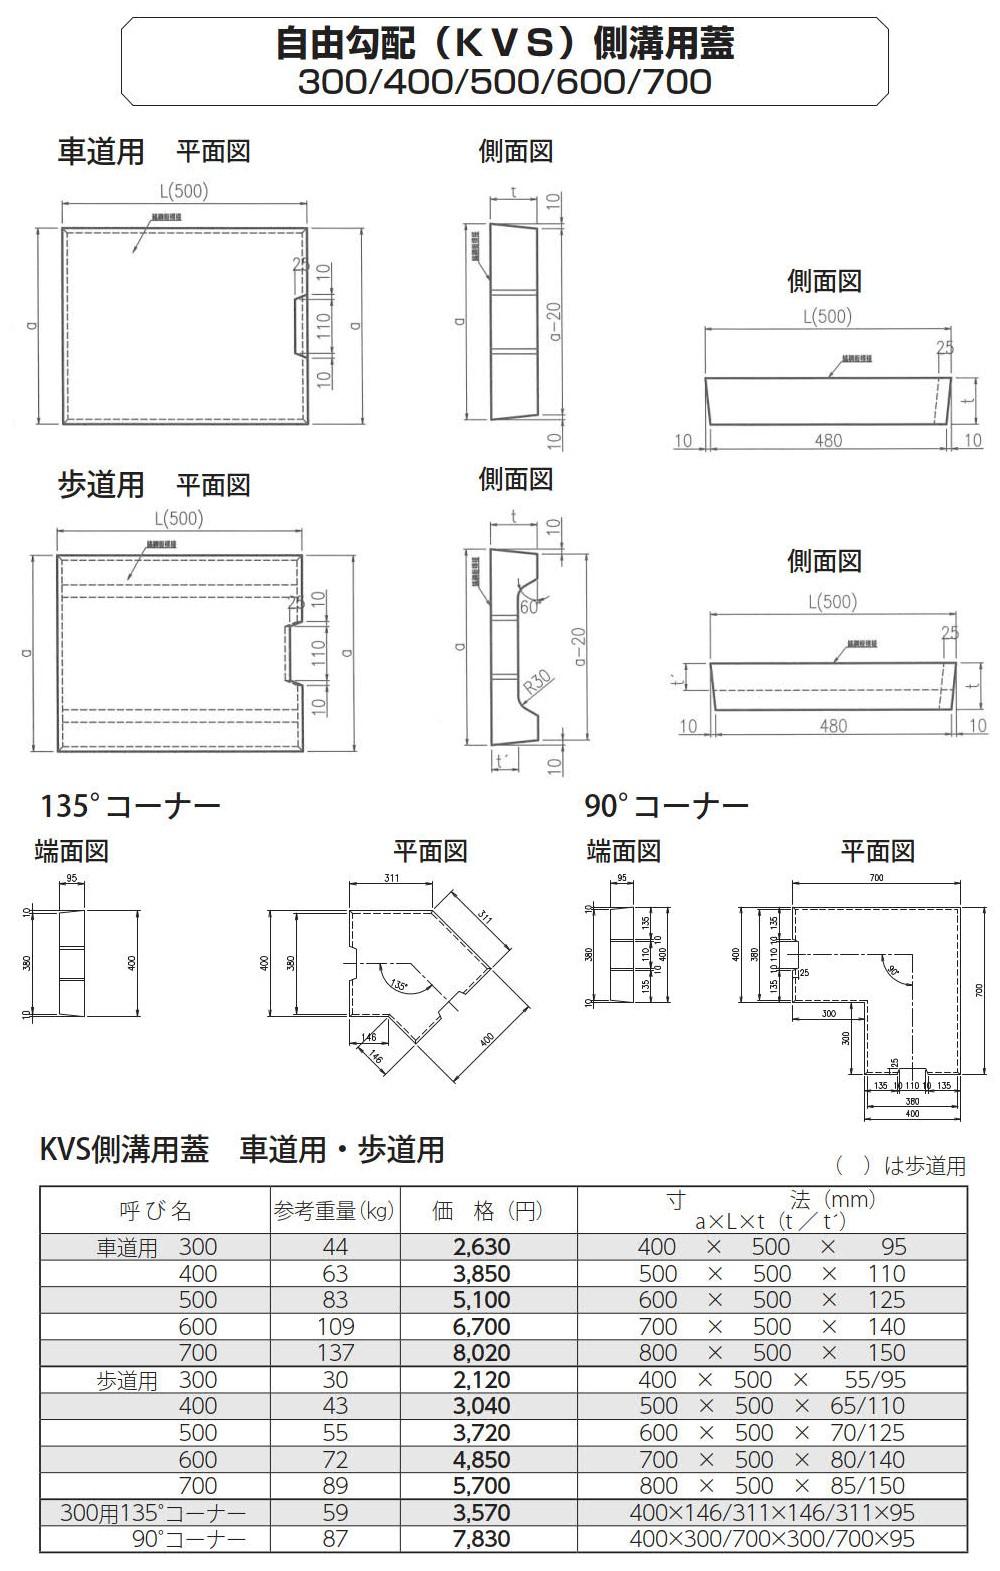 オリジナル側溝|自由勾配側溝(KVS側溝)土留、90°/135°コーナー、蓋 外形寸法 3